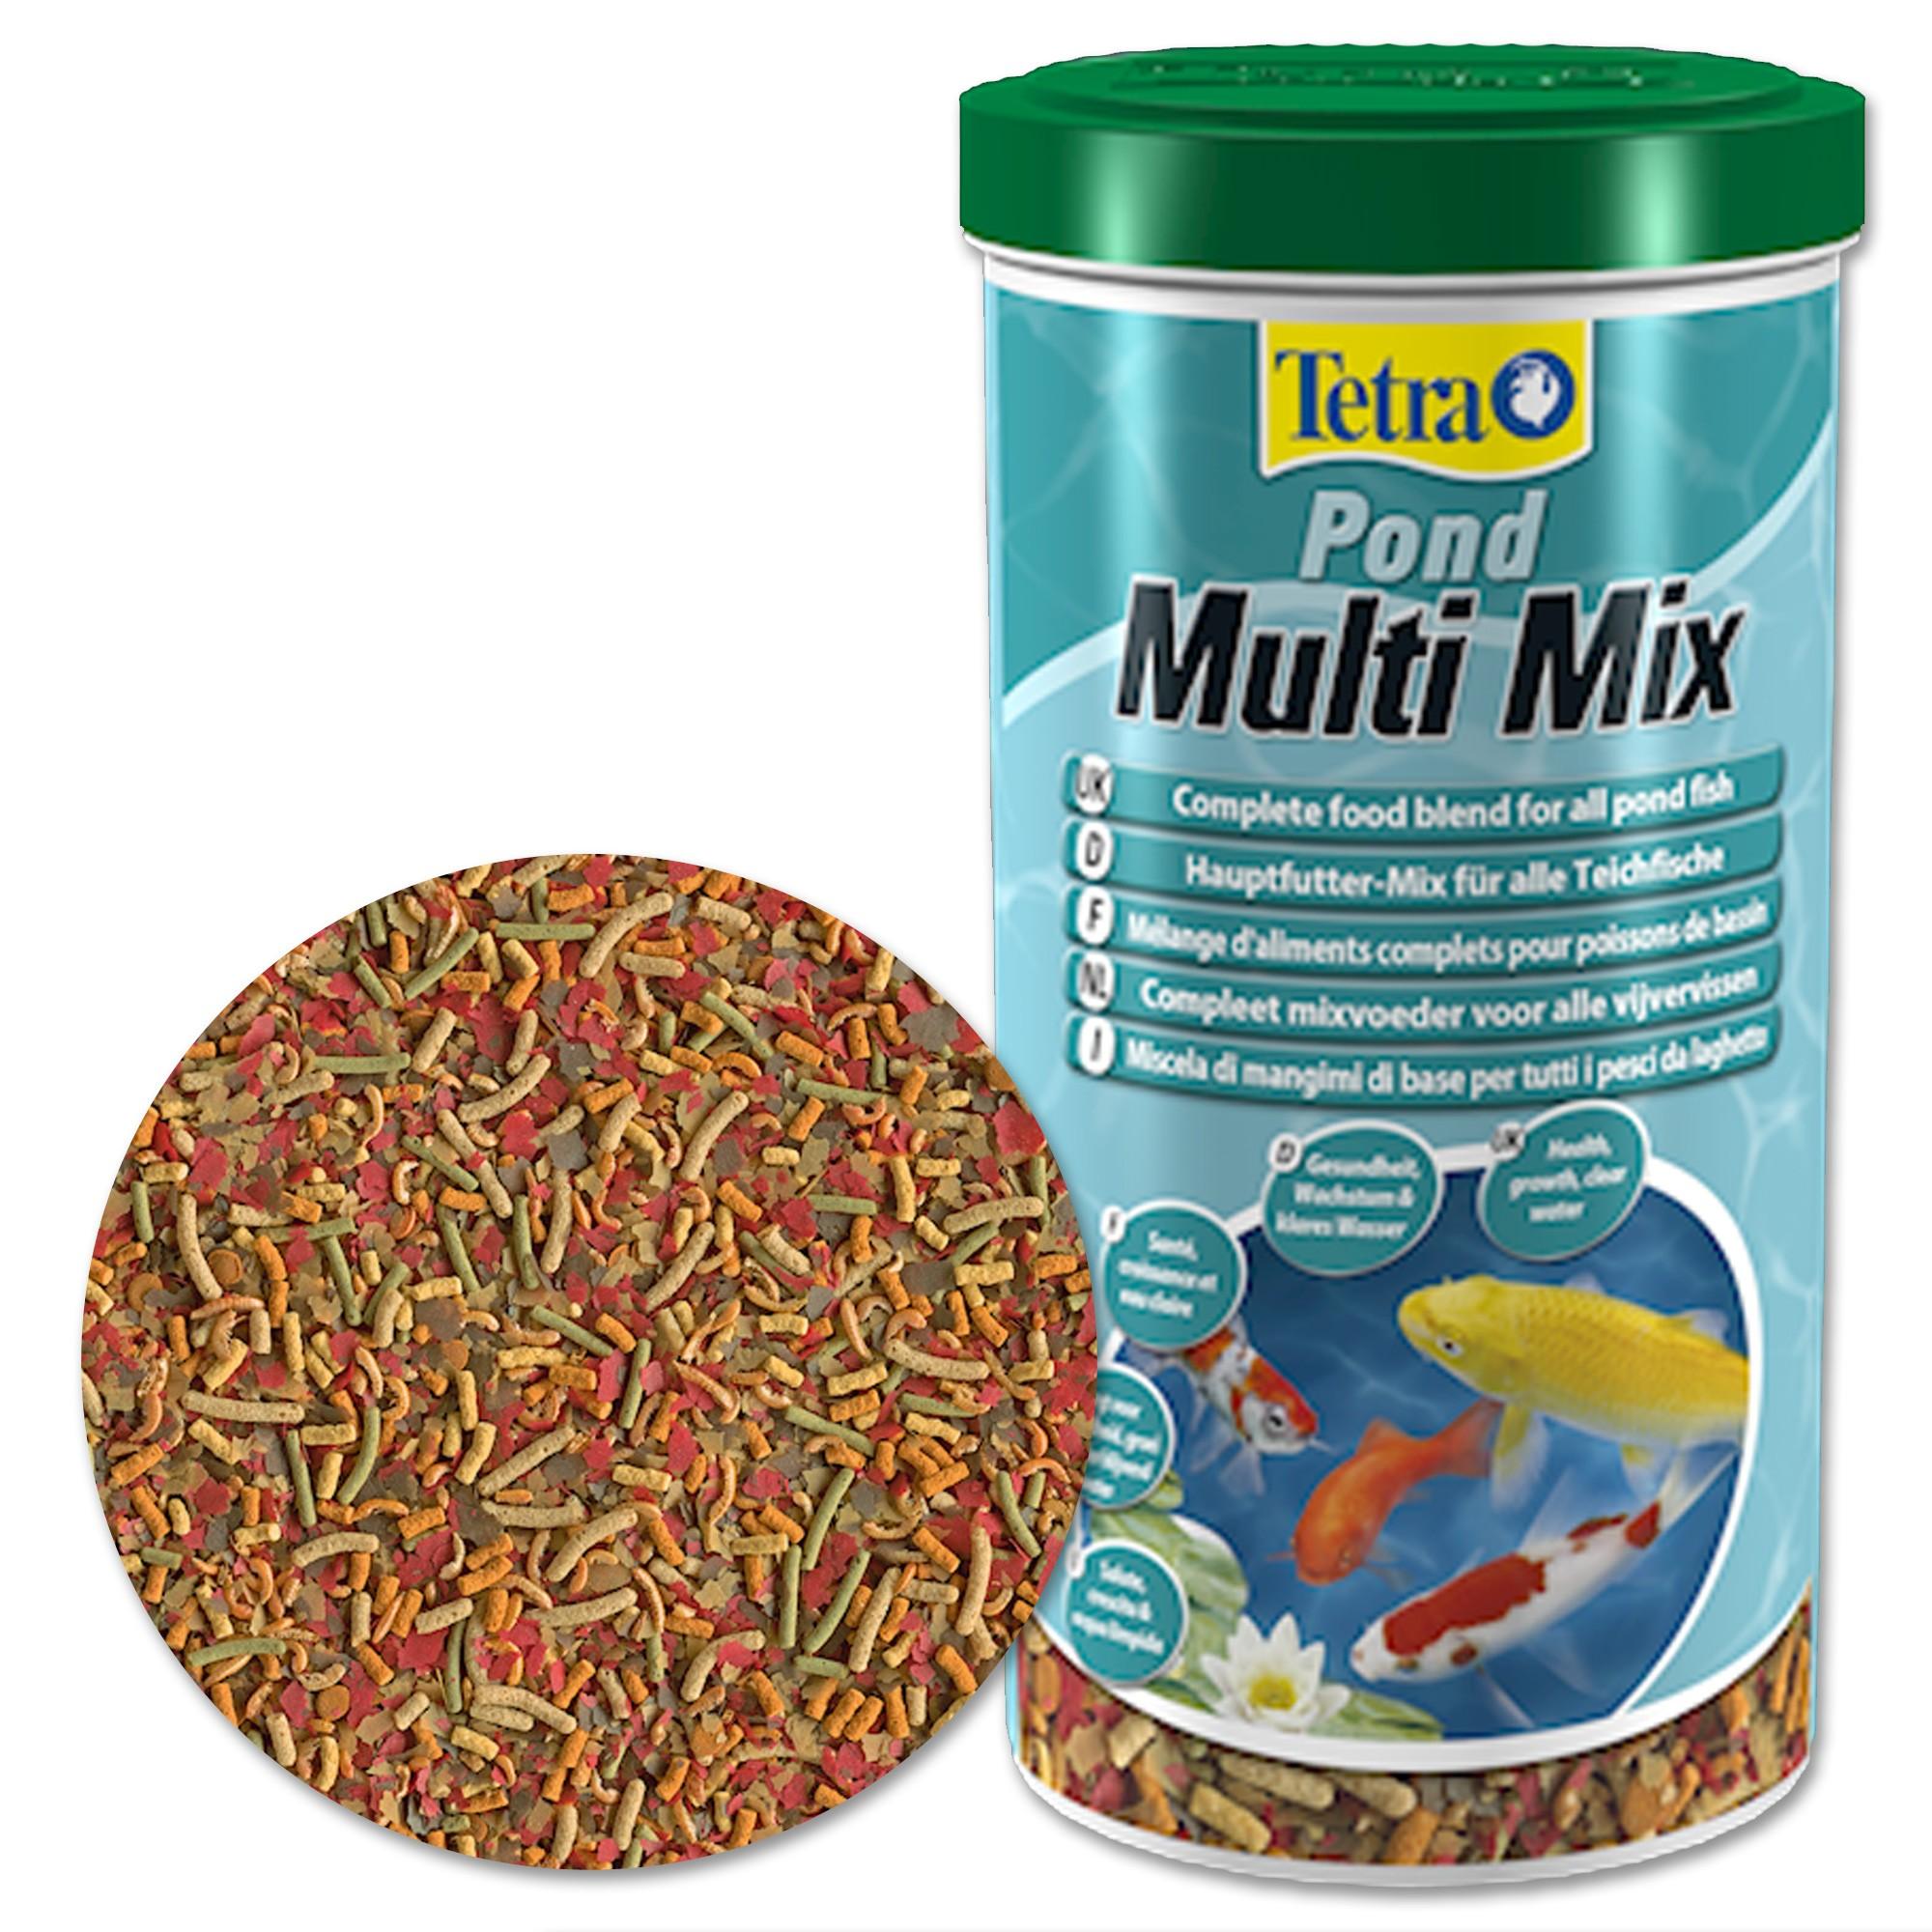 Pesci Da Laghetto Giardino.Tetra Pond Multi Mix 1 Lt Mangime Mix Per Pesci Da Laghetto Carpe Da